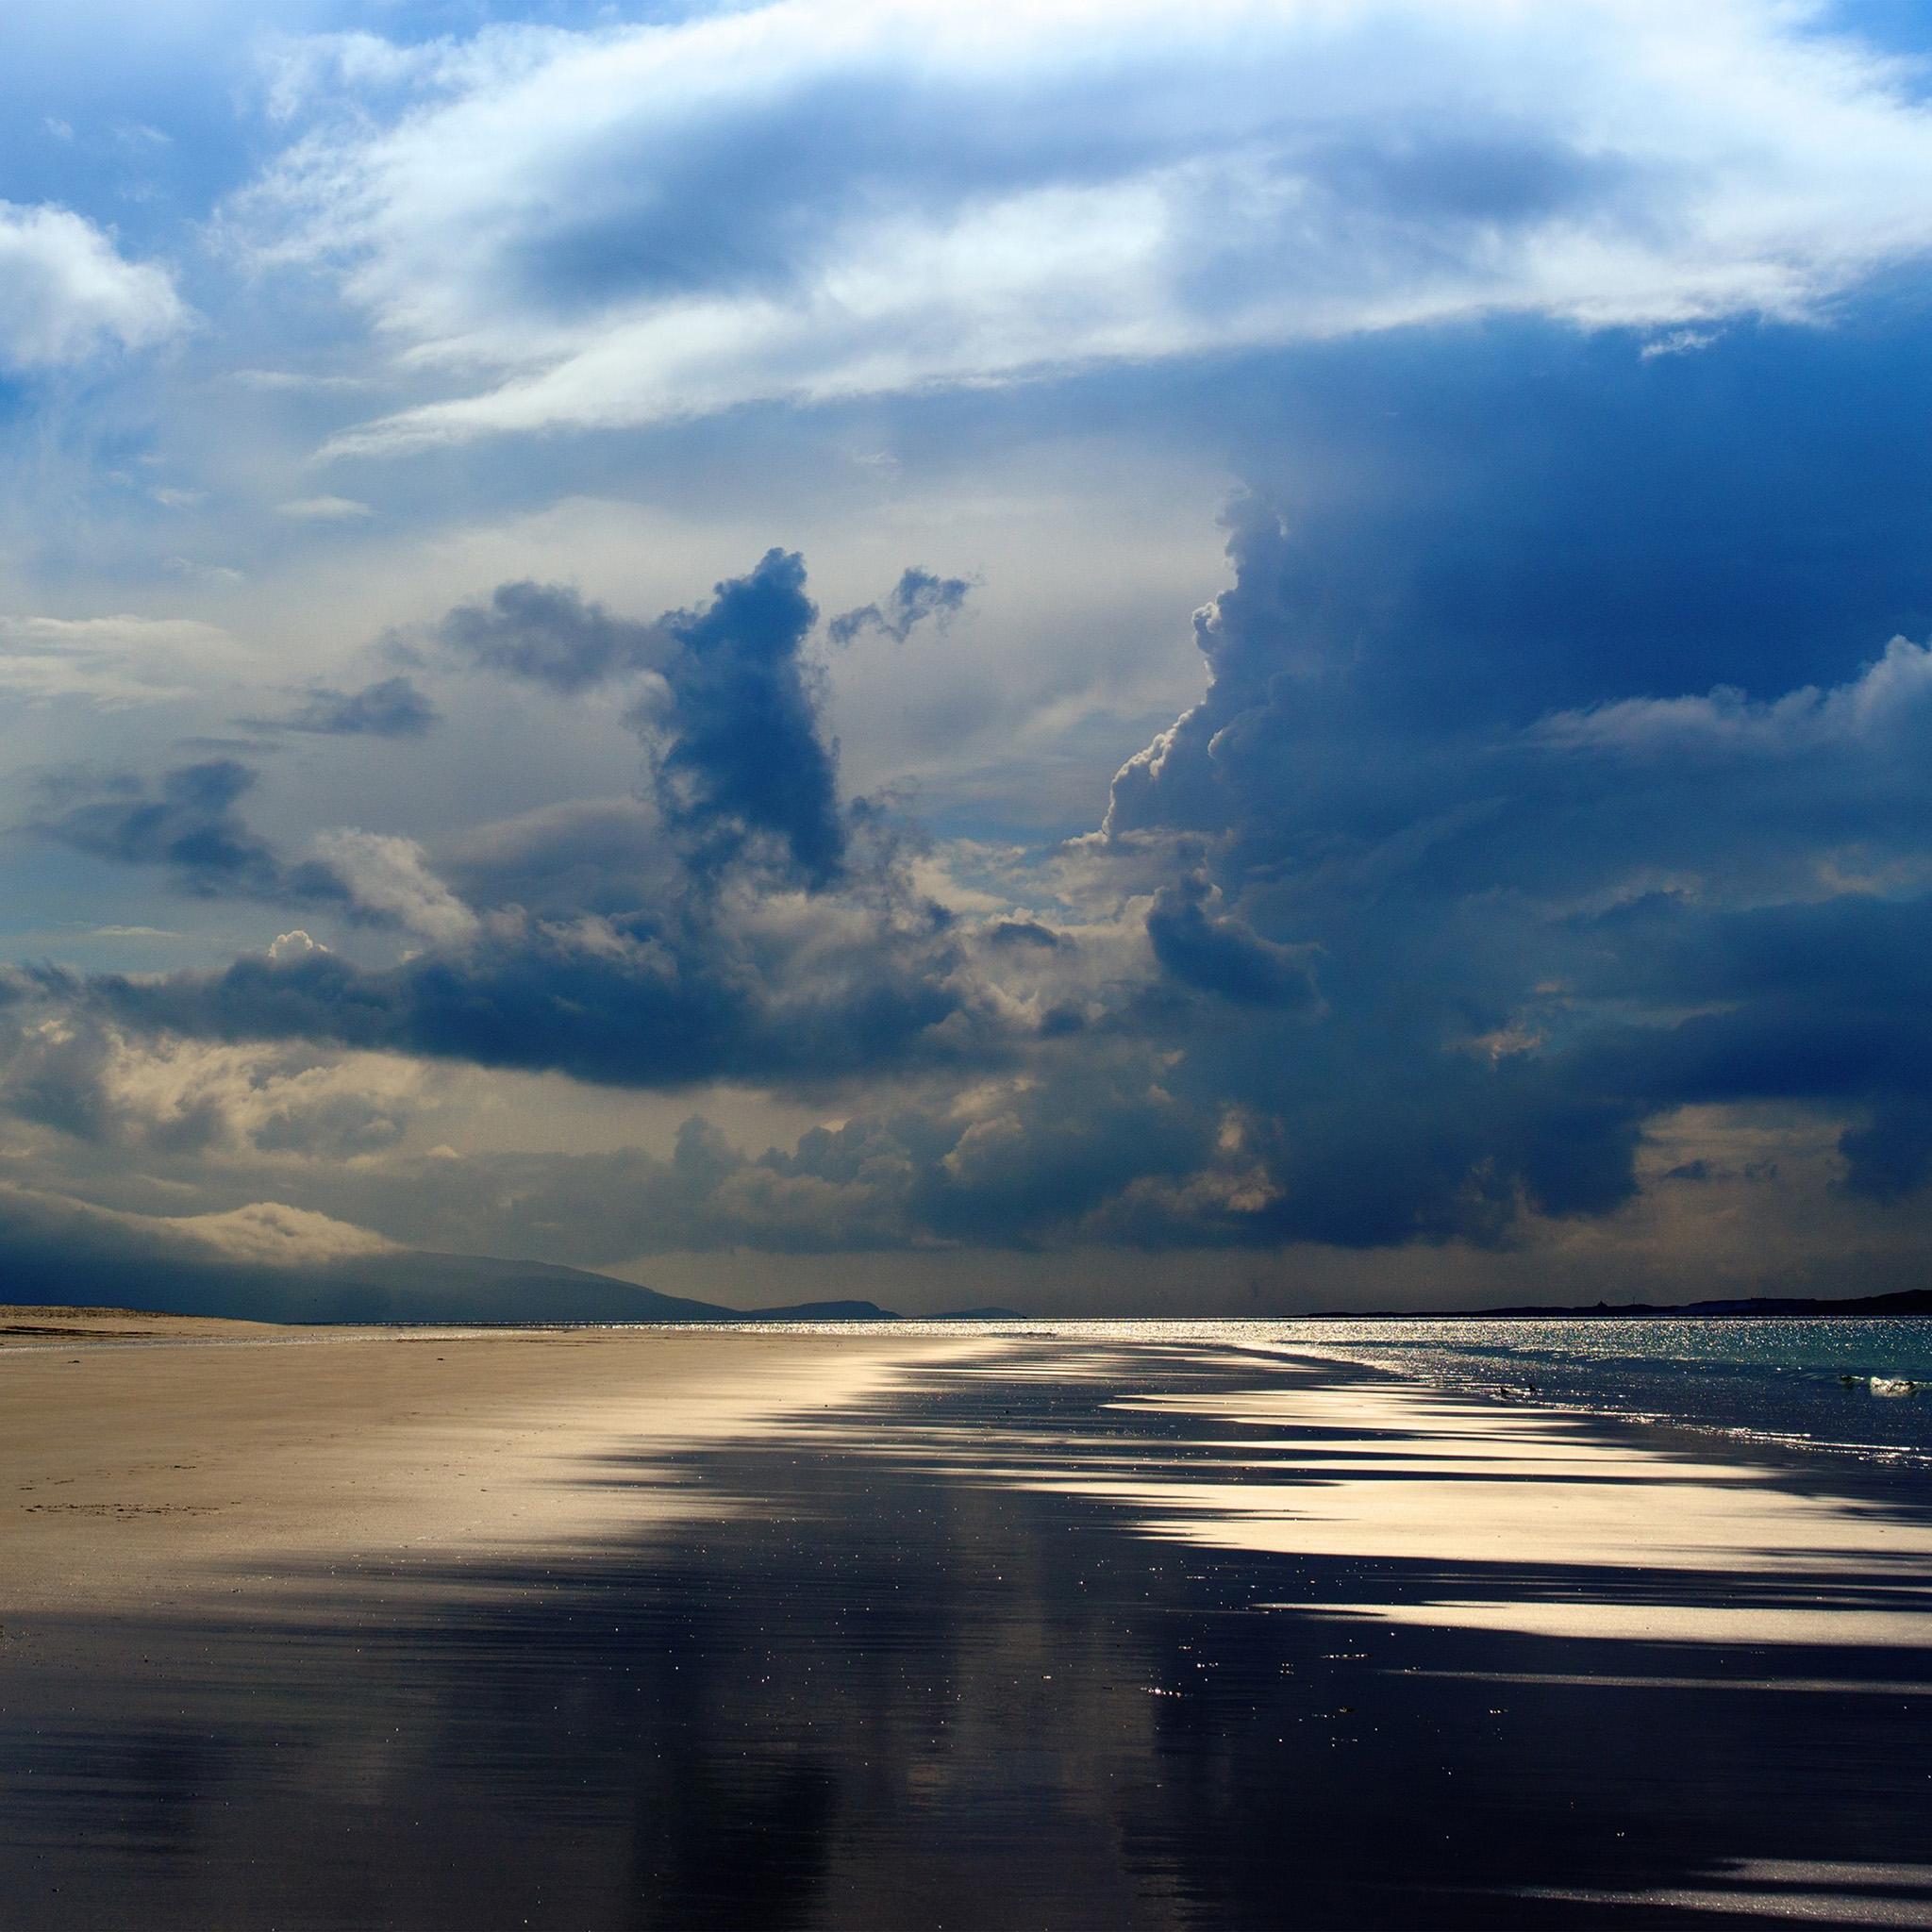 nt29-beach-sea-summer-rain-cloud-nature-wallpaper